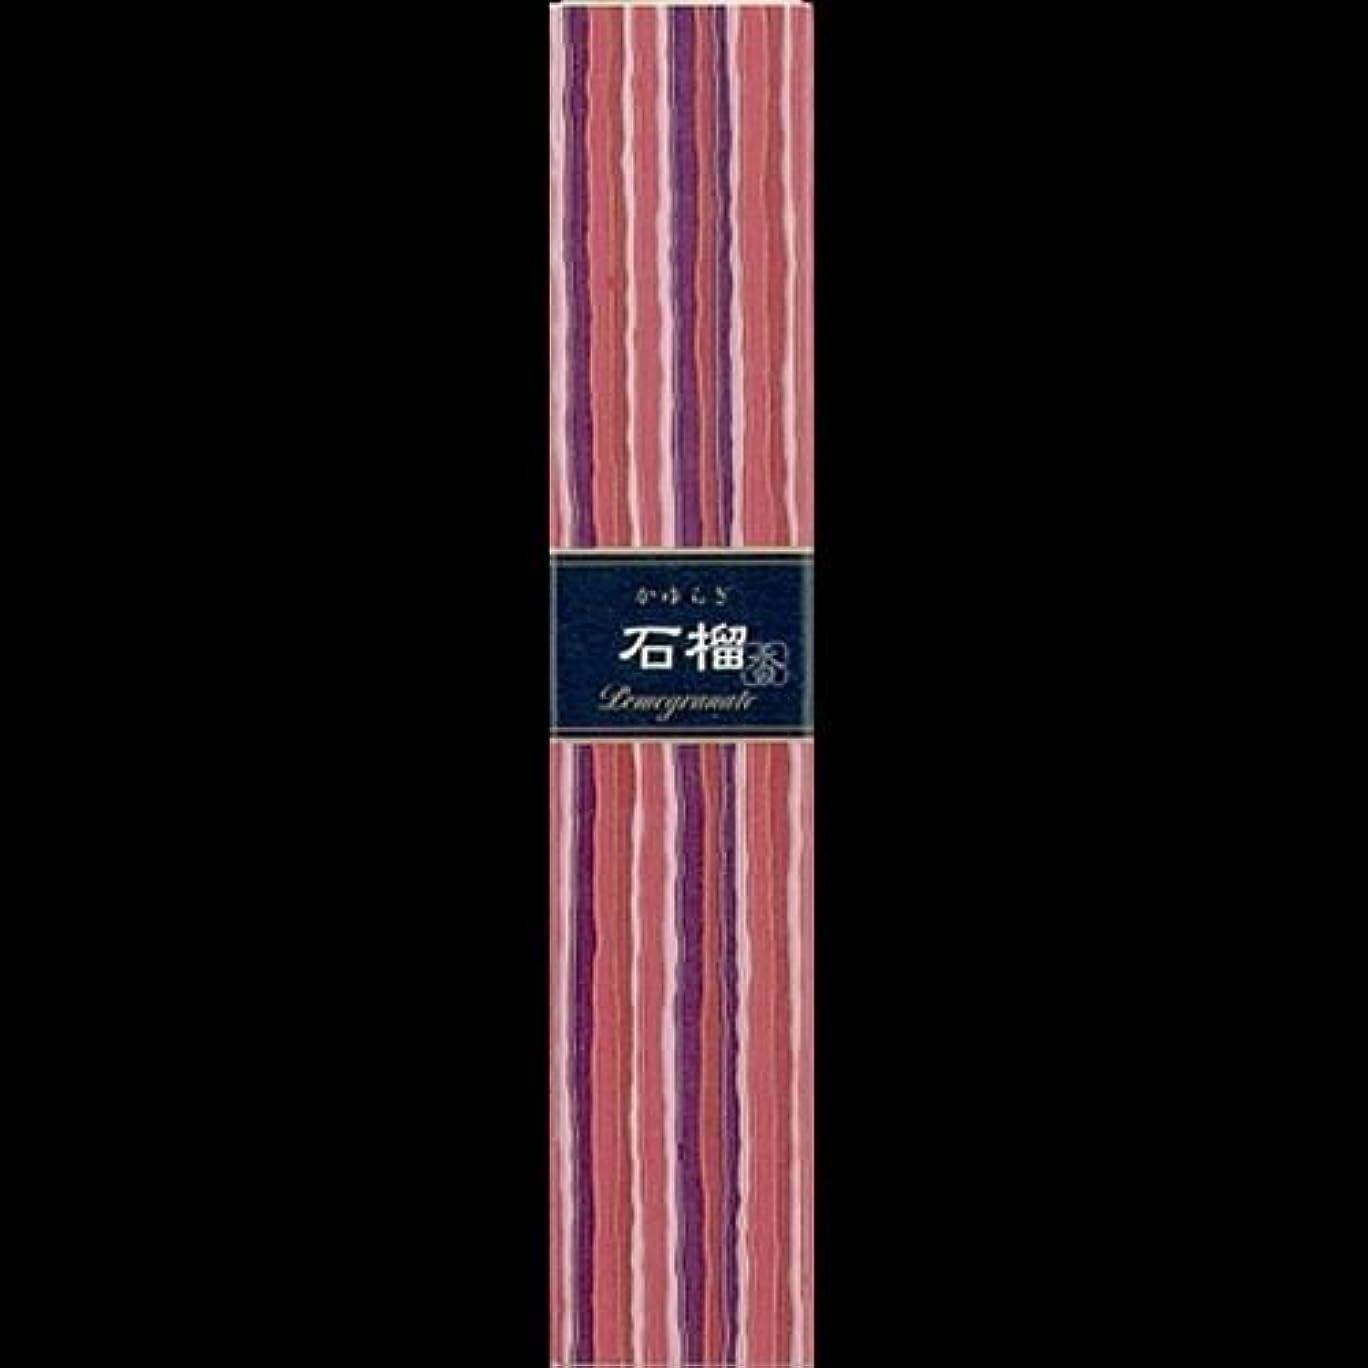 必需品パケットアームストロング【まとめ買い】かゆらぎ 石榴(ざくろ) ×2セット